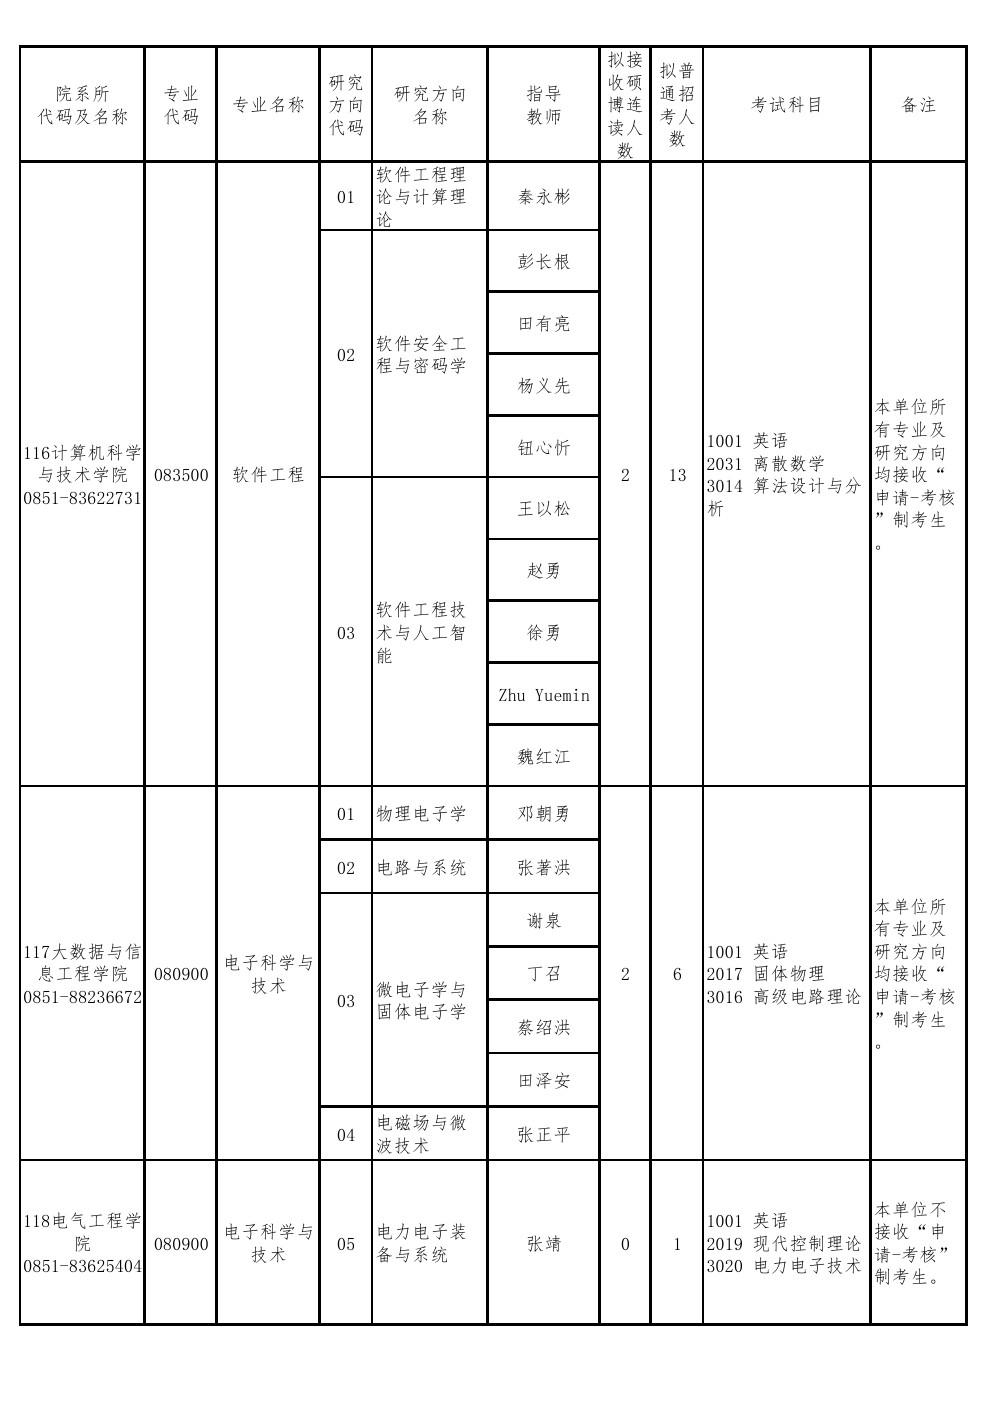 贵州大学研究生网_贵州大学2020年博士研究生招生专业目录-华慧考博网